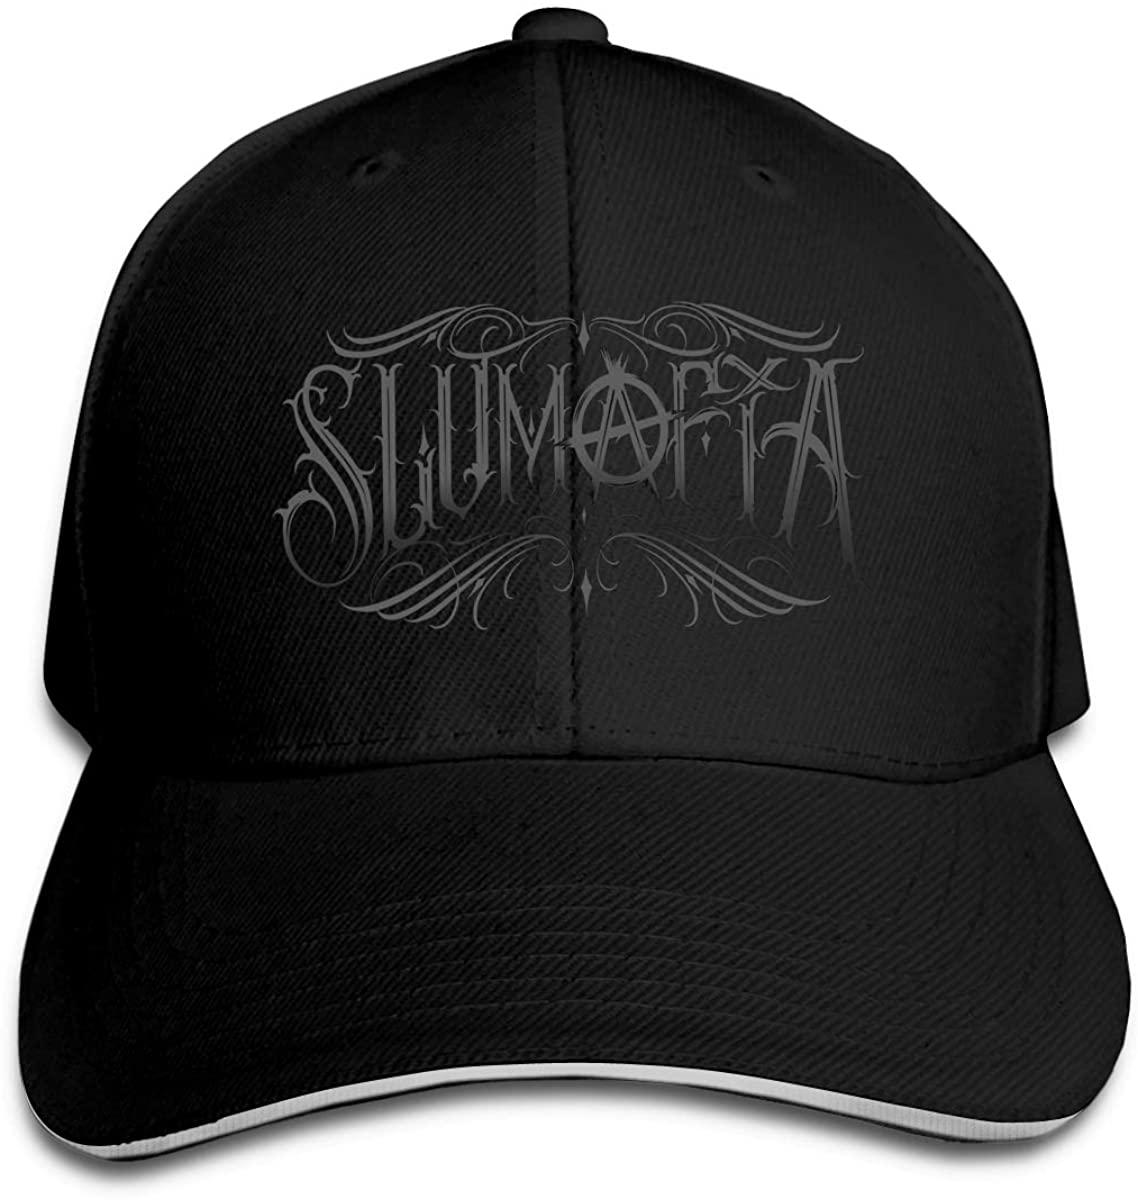 Yelawolf Hip Hop Baseball Cap Golf Trucker Baseball Cap Adjustable Peaked Sandwich Hat Black Unisex Casquette White